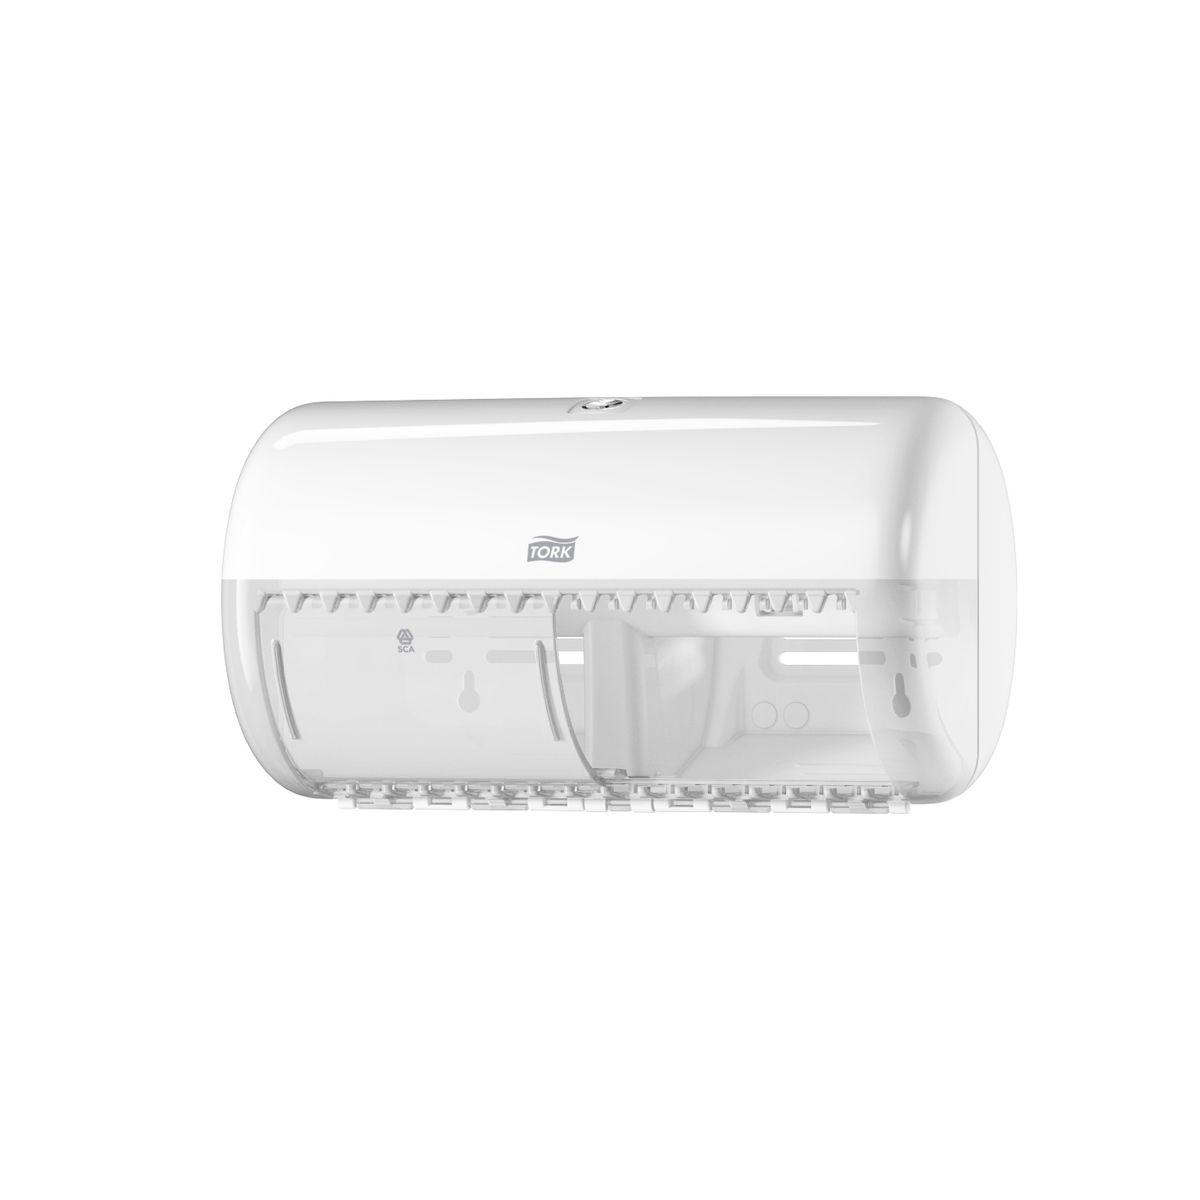 Диспенсер для туалетной бумаги Tork, цвет: белый. 557000MIX4S4Система Т4 - бумага в стандартных рулончиках.Практичный компактный диспенсер, вмещающий 2 стандартных рулона туалетной бумаги.Бумага легко отрывается с помощью удобных зубцов, даже не имея перфорации, защищается от повреждений и кражи.Диспенсер открывается с помощью ключа или нажатием на кнопку.В комплект входит инструкция по заправке и использованию.